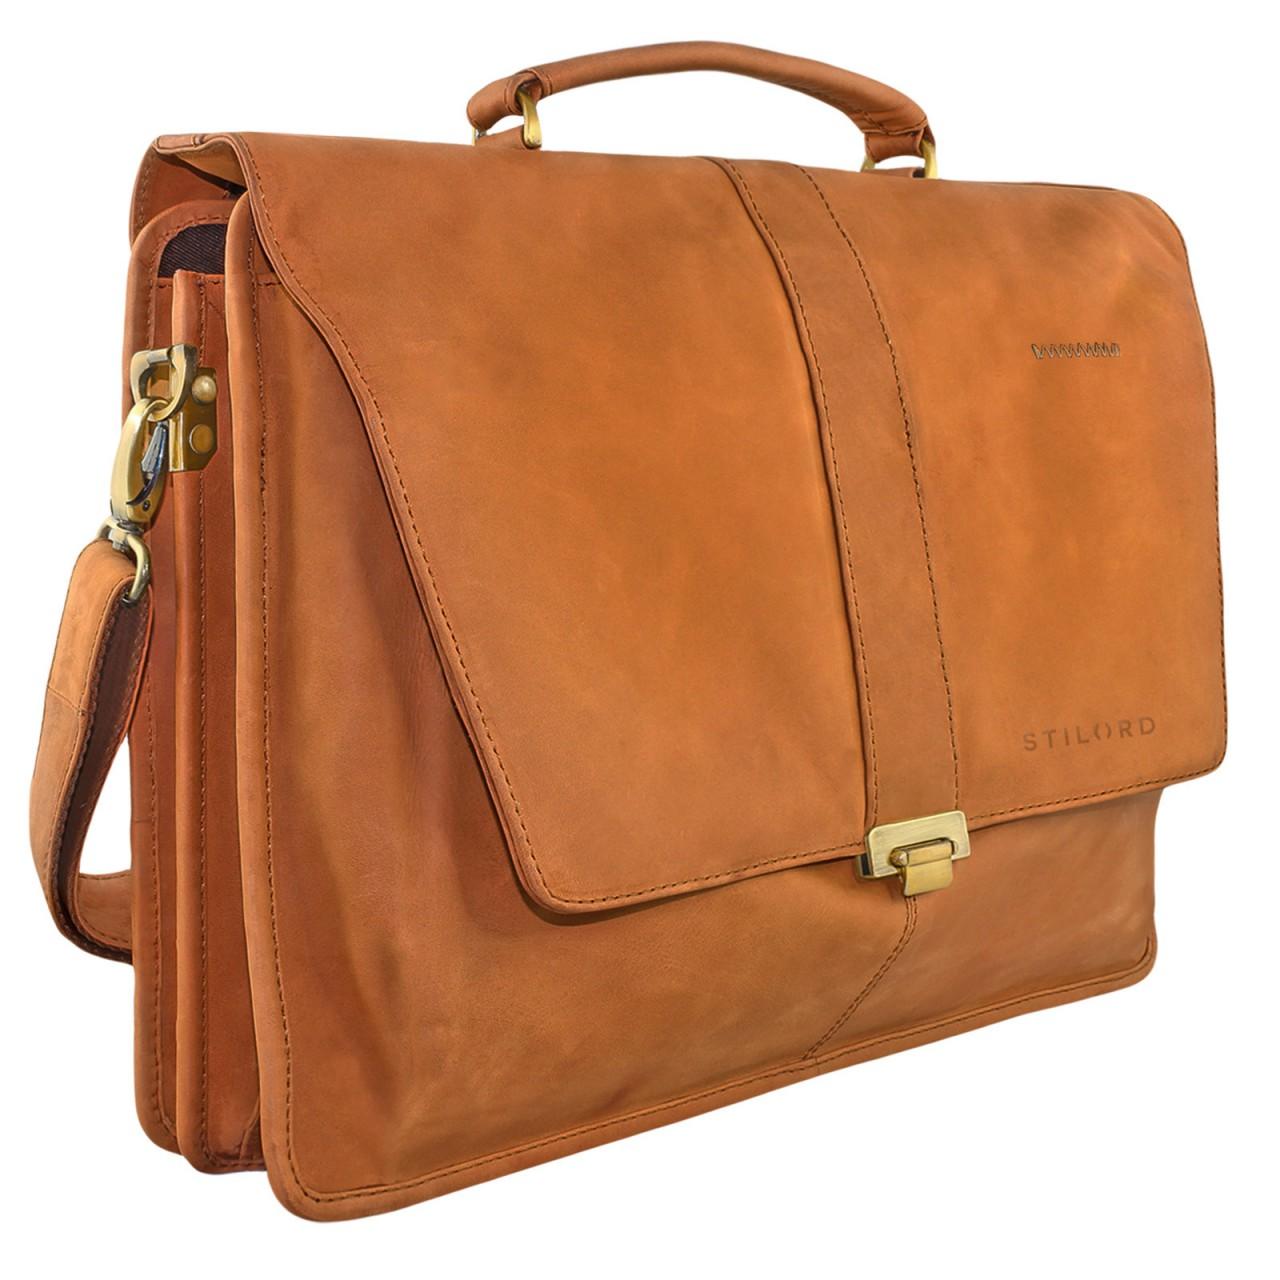 STILORD Vintage Umhängetasche groß Aktentasche Schultertasche 15,6 Zoll Laptoptasche - ideal für Büro Uni Arbeit Leder braun - Bild 1